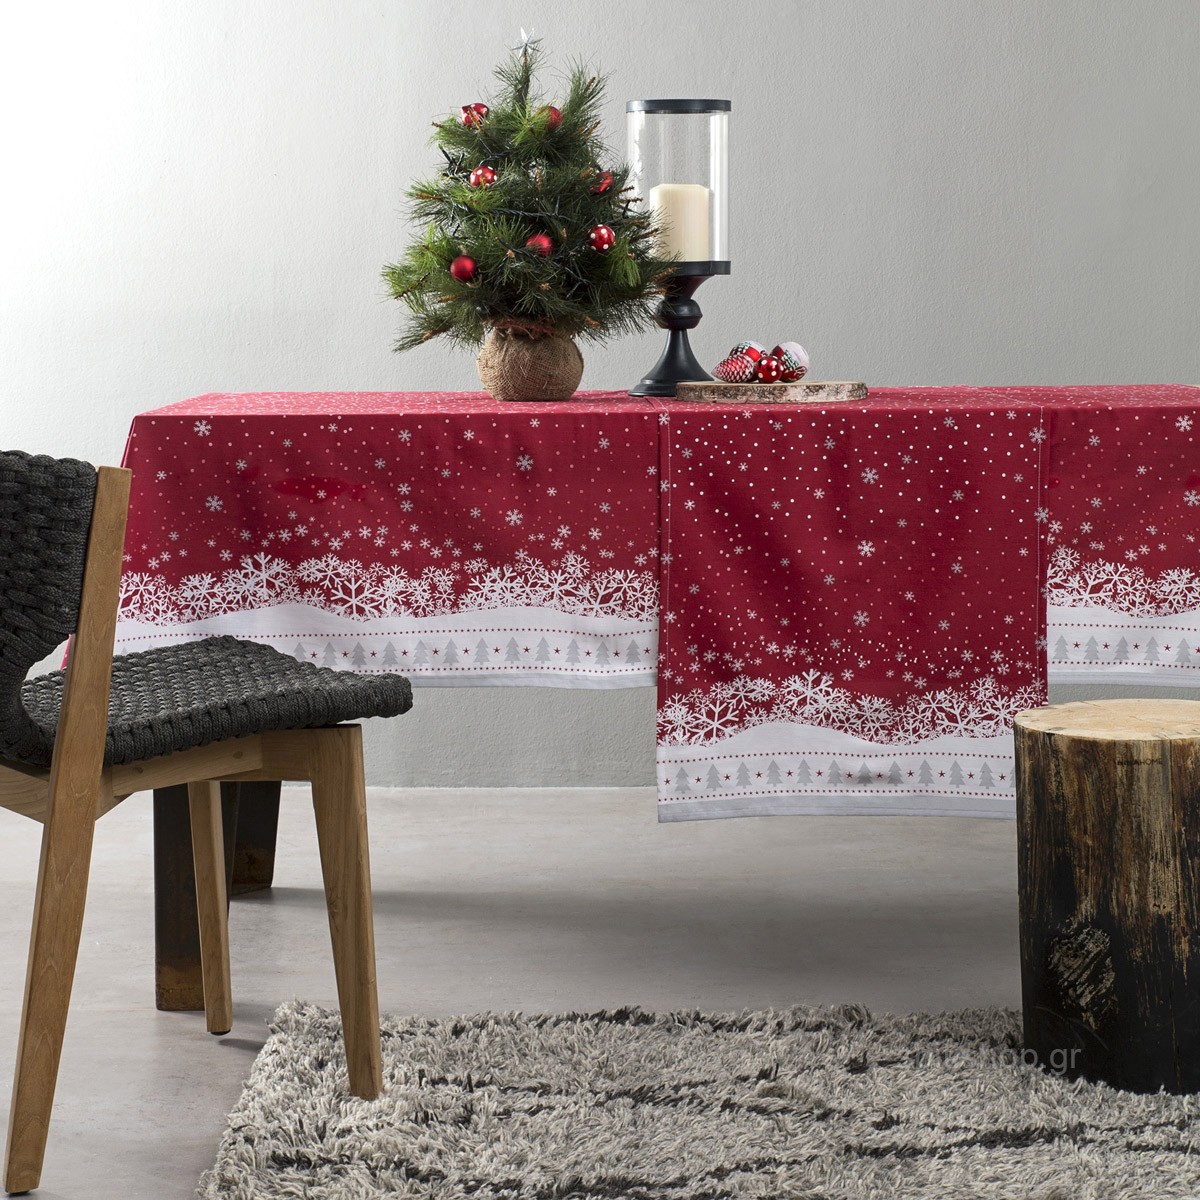 Χριστουγεννιάτικο Τραπεζομάντηλο (150×220) Nima Holly Day